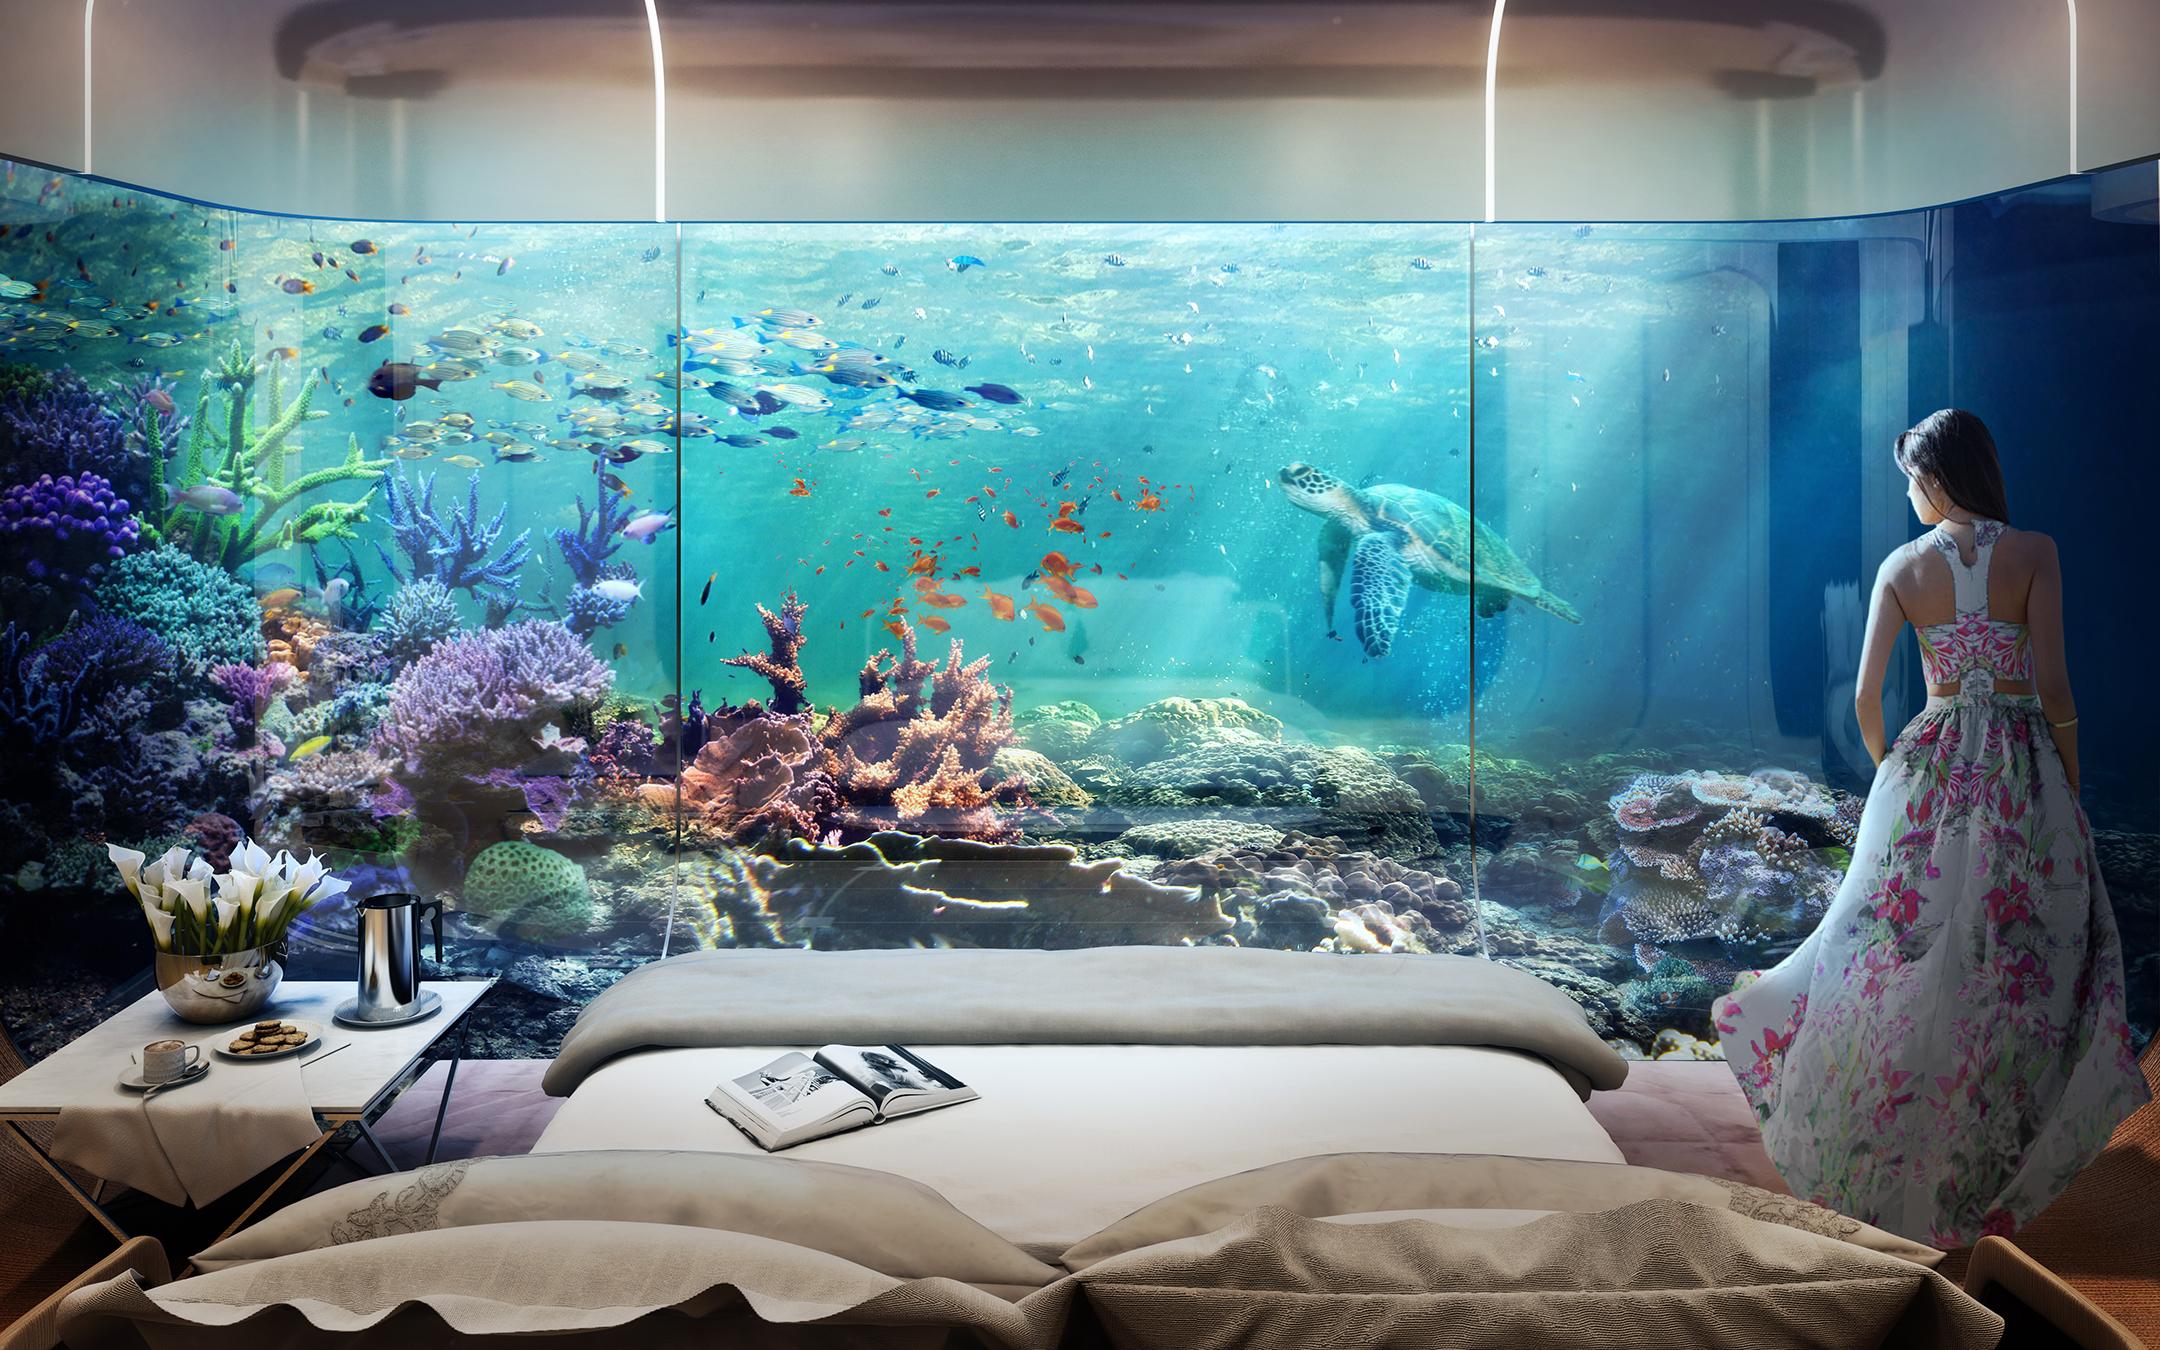 Casas de lujo a la venta en dubai est n sumergidas en el for Hotel bajo el mar dubai